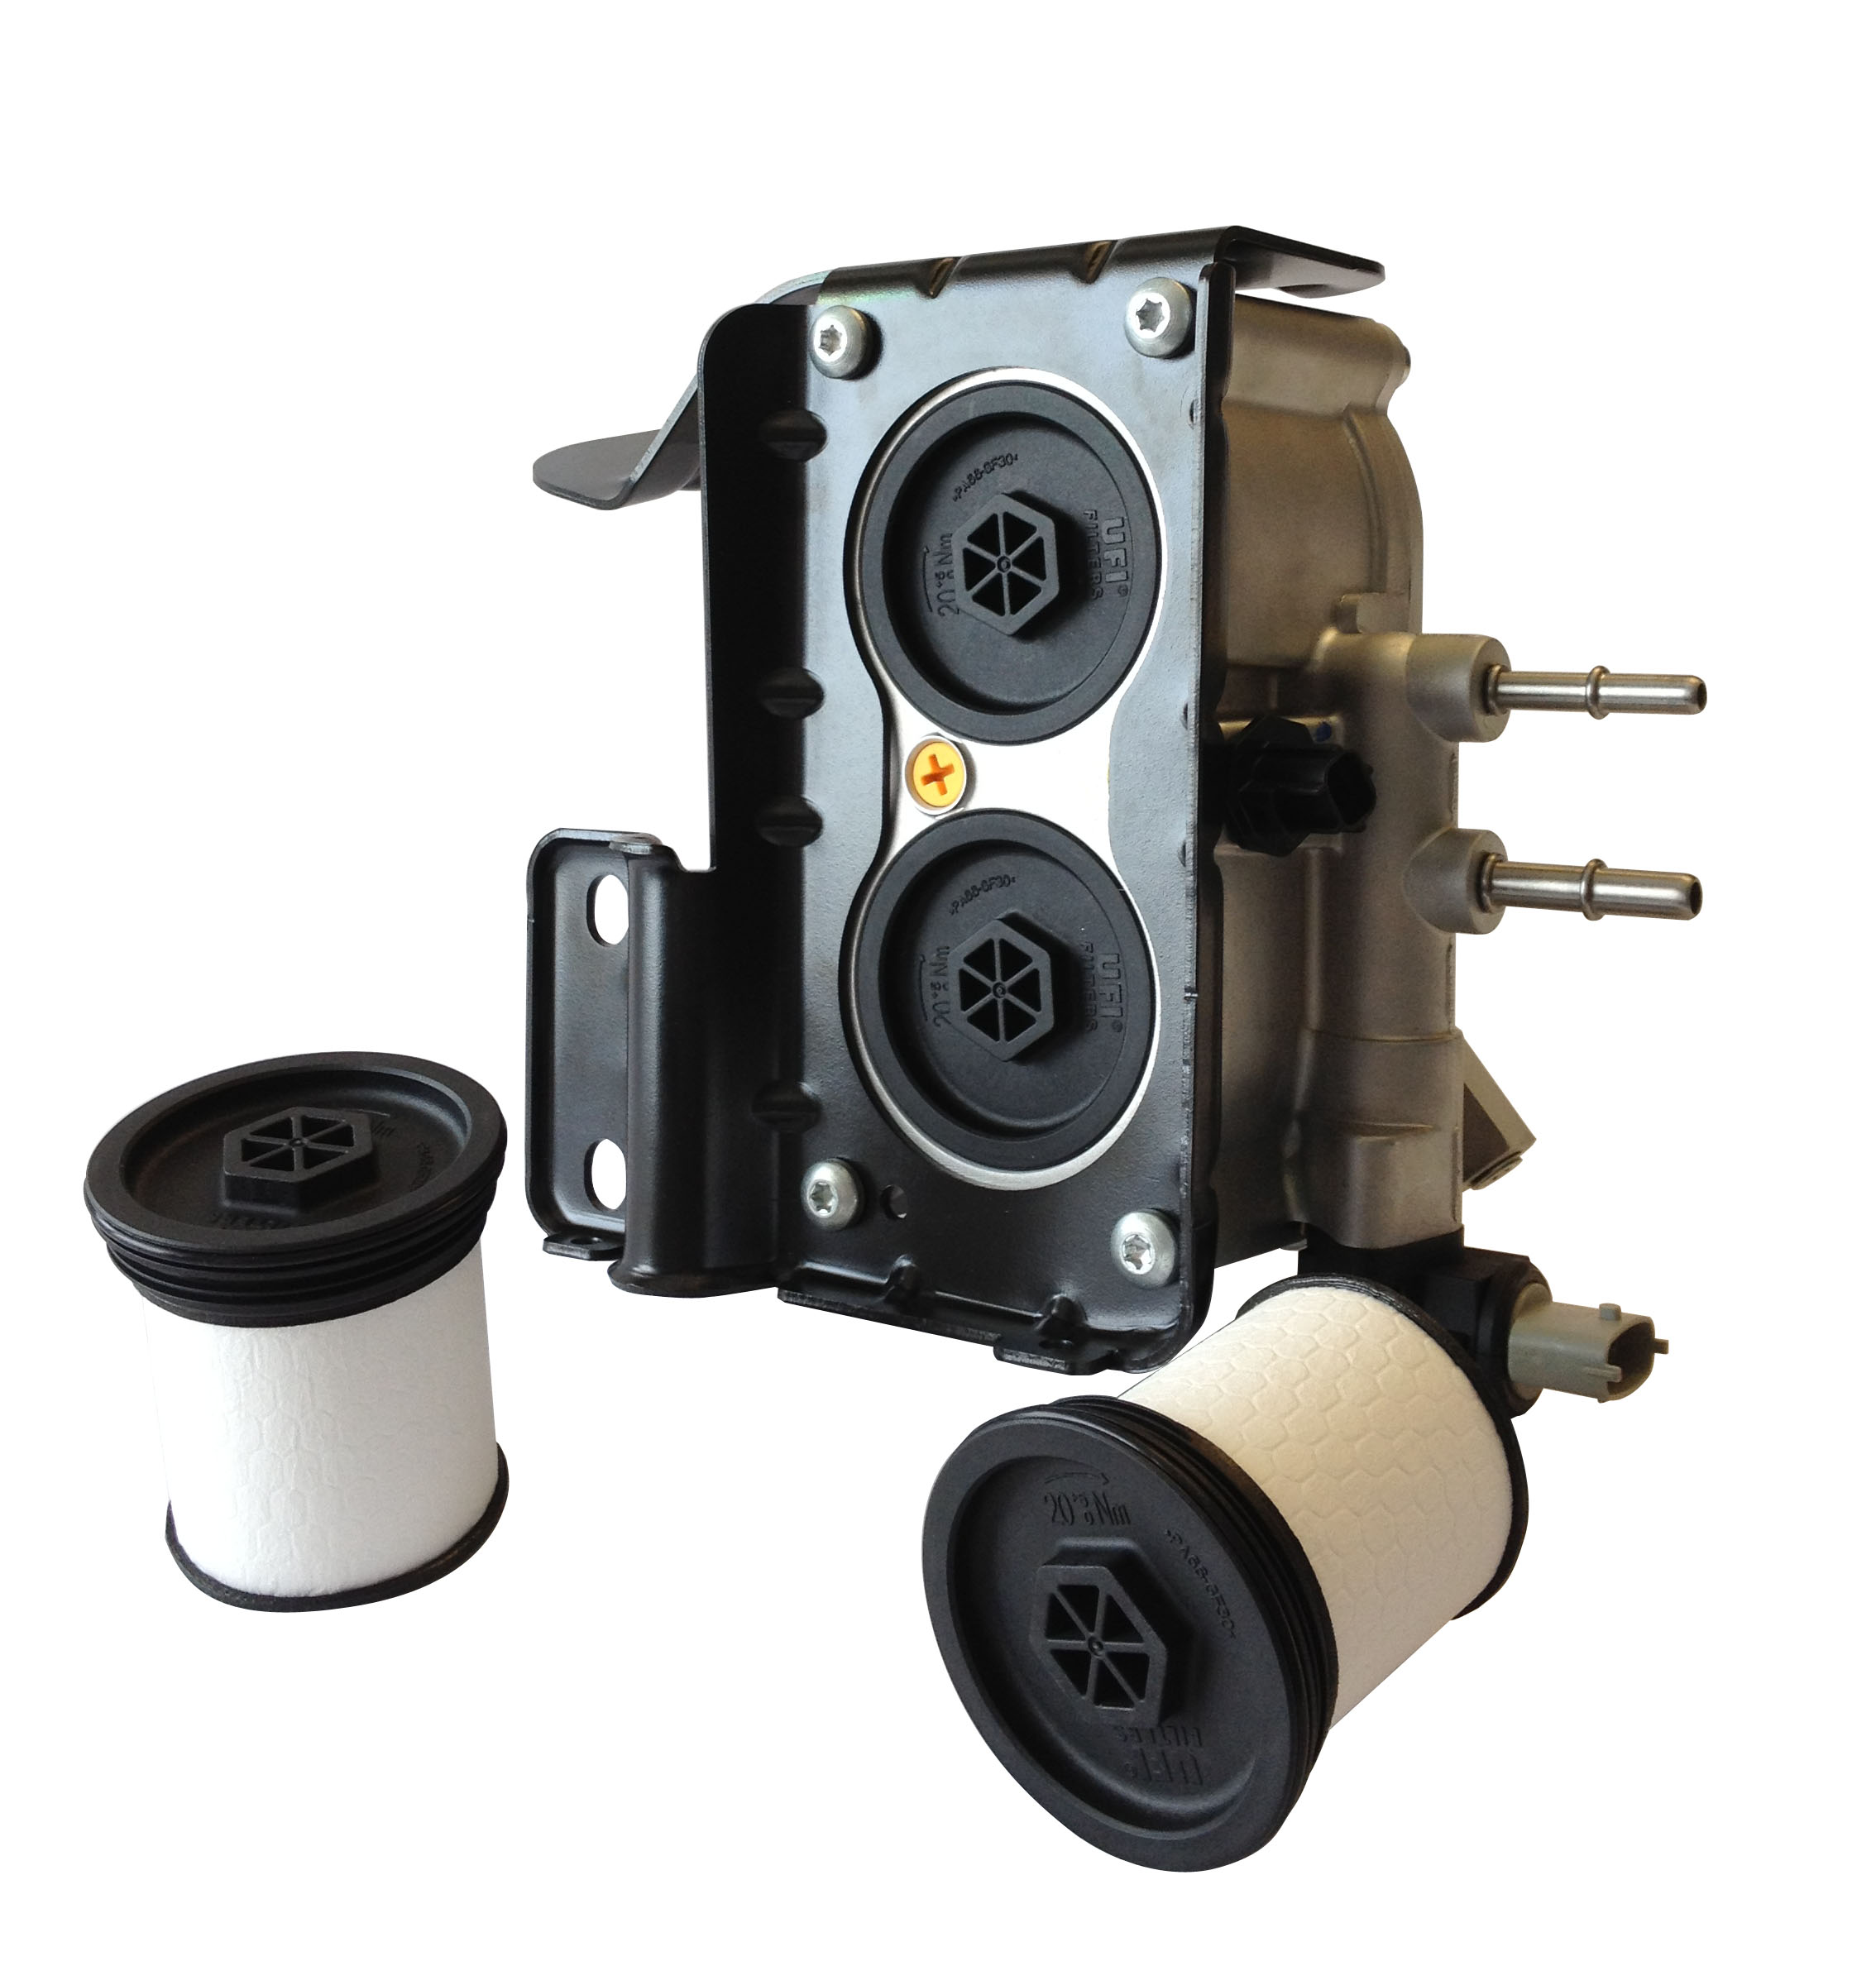 Ufi Filters Per Il Nuovo Motore 22 Multijet Euro 6 Della Jeep Cherokee Fuel Photogallery